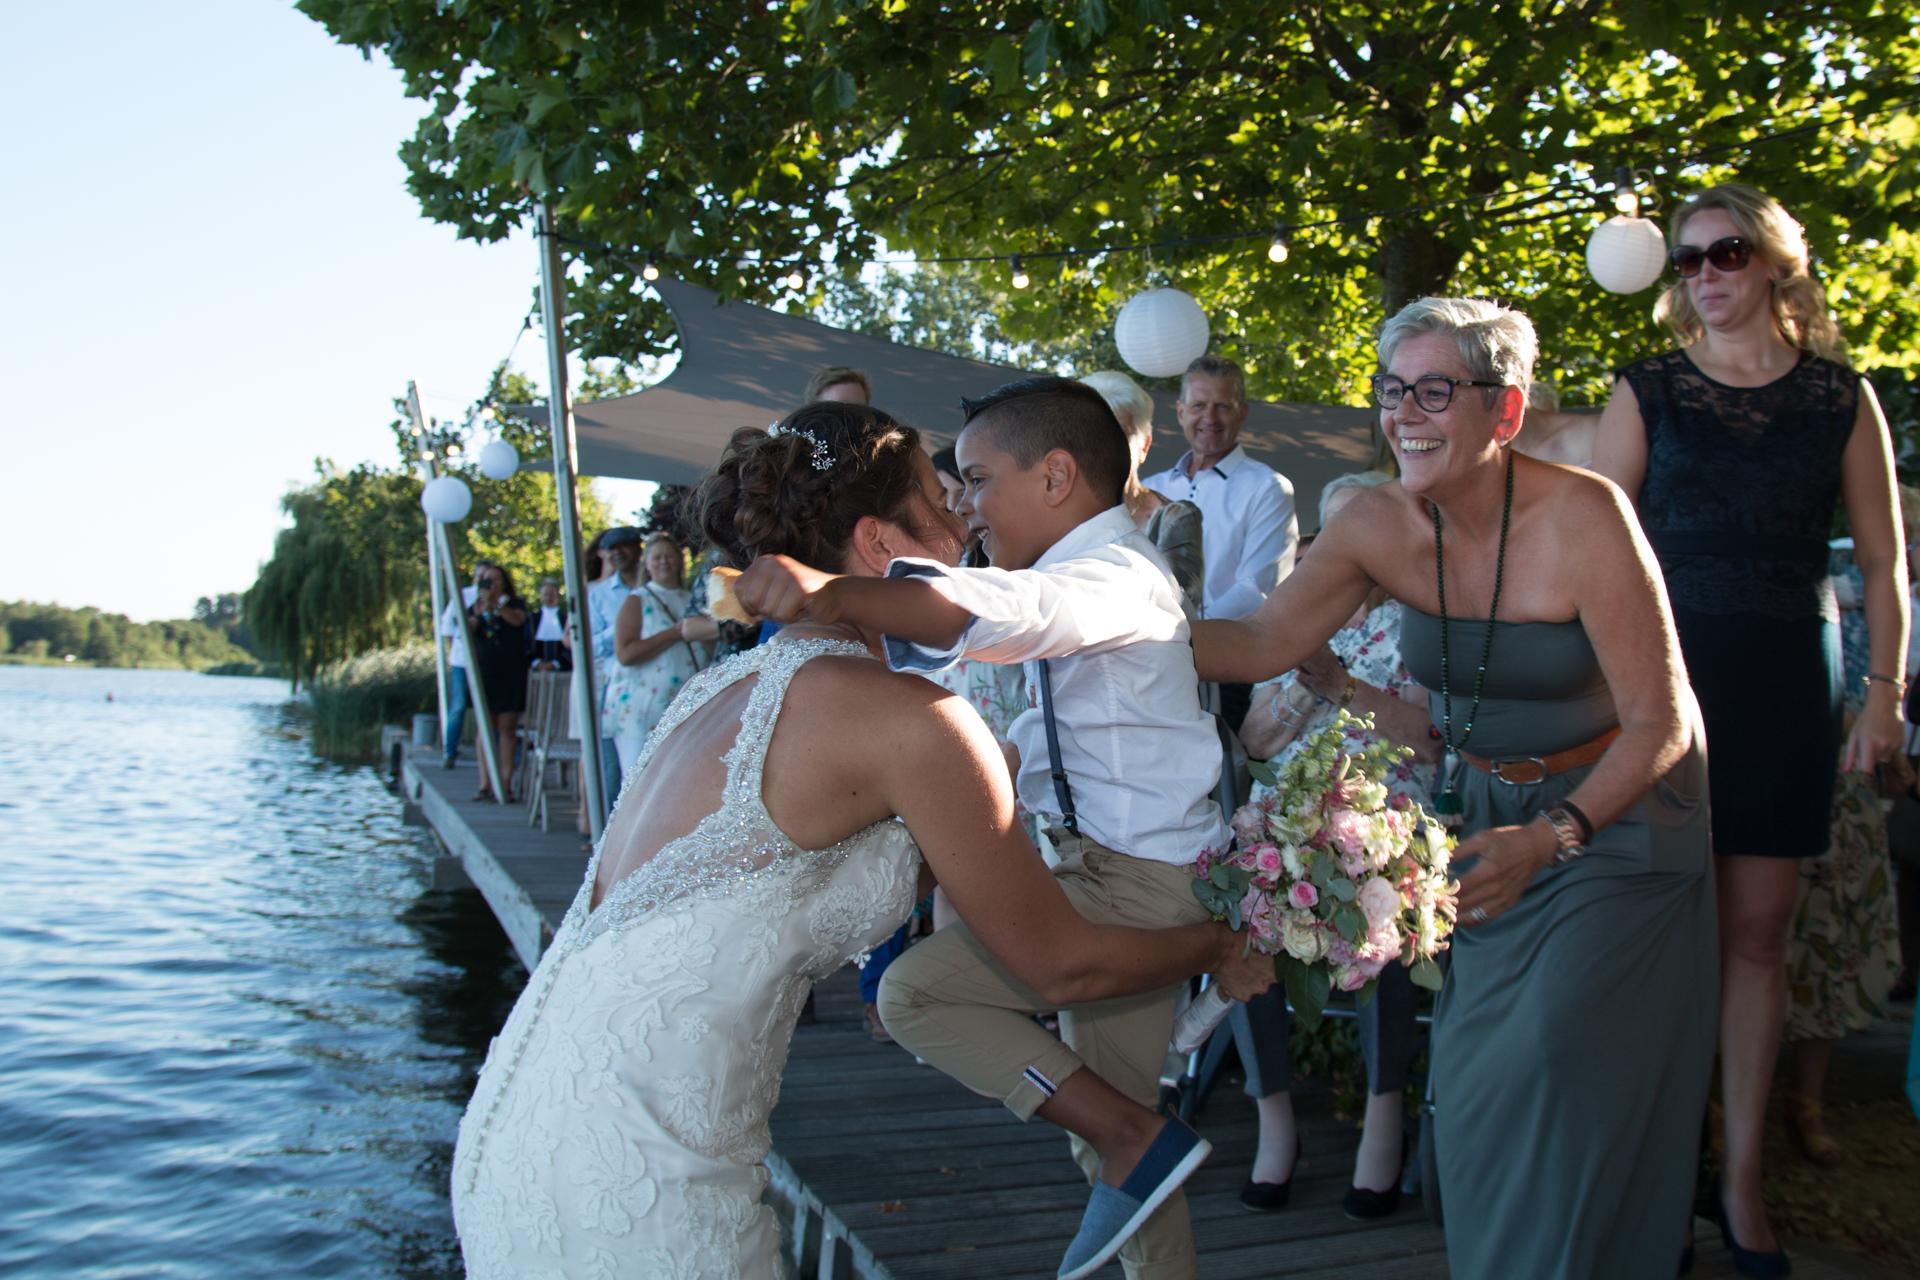 Zoontje omhelst Denise, trouwfoto aankomst bruidspaar